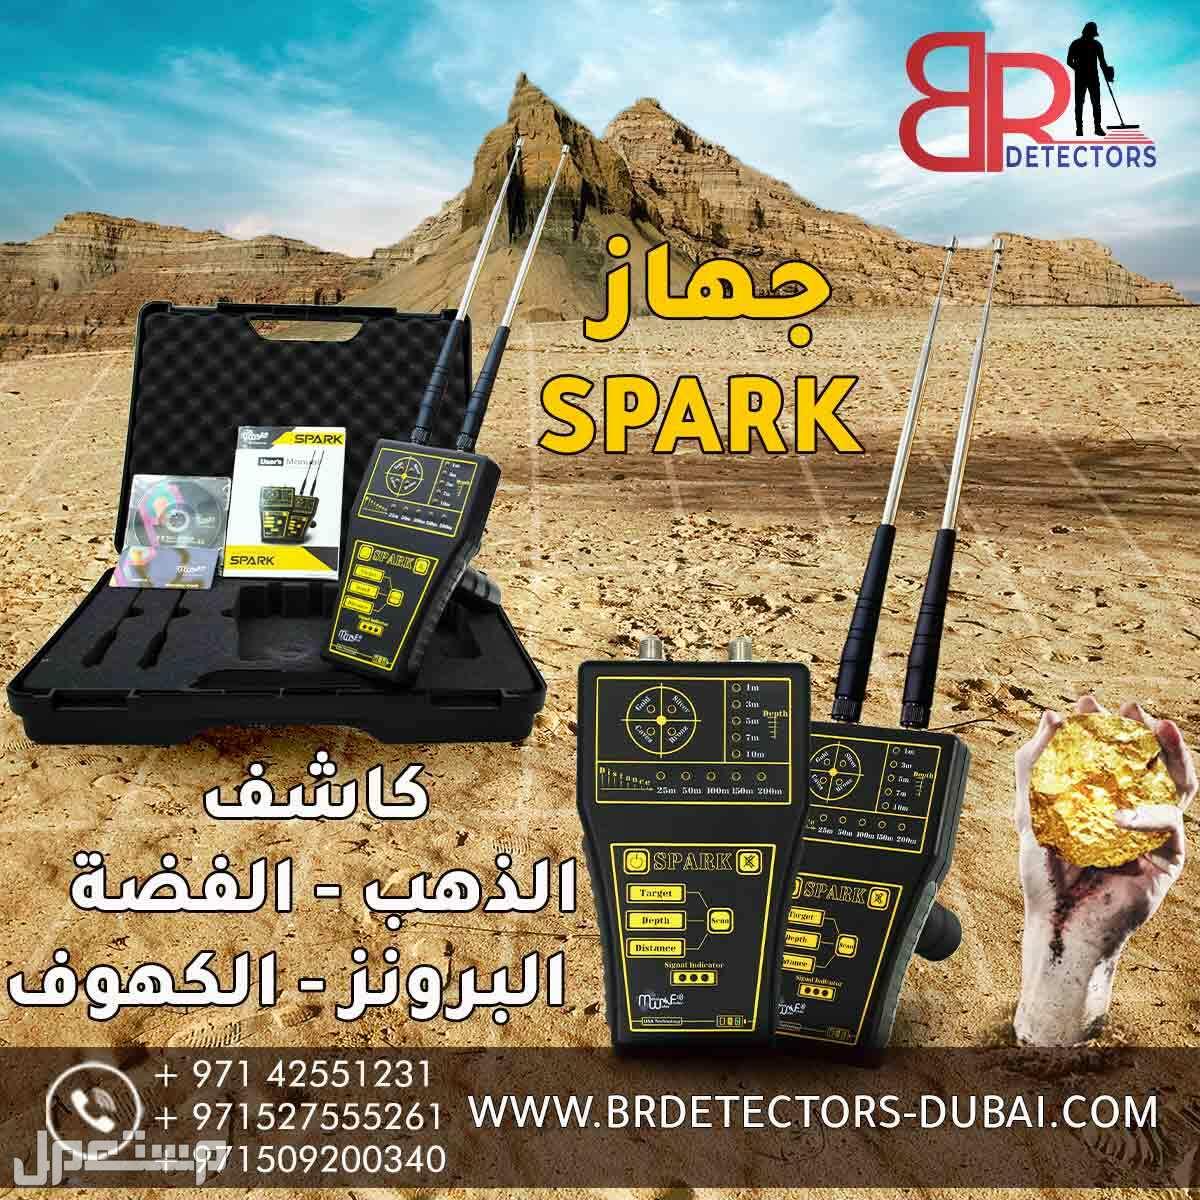 اصغر اجهزة الكشف عن الذهب سبارك Spark